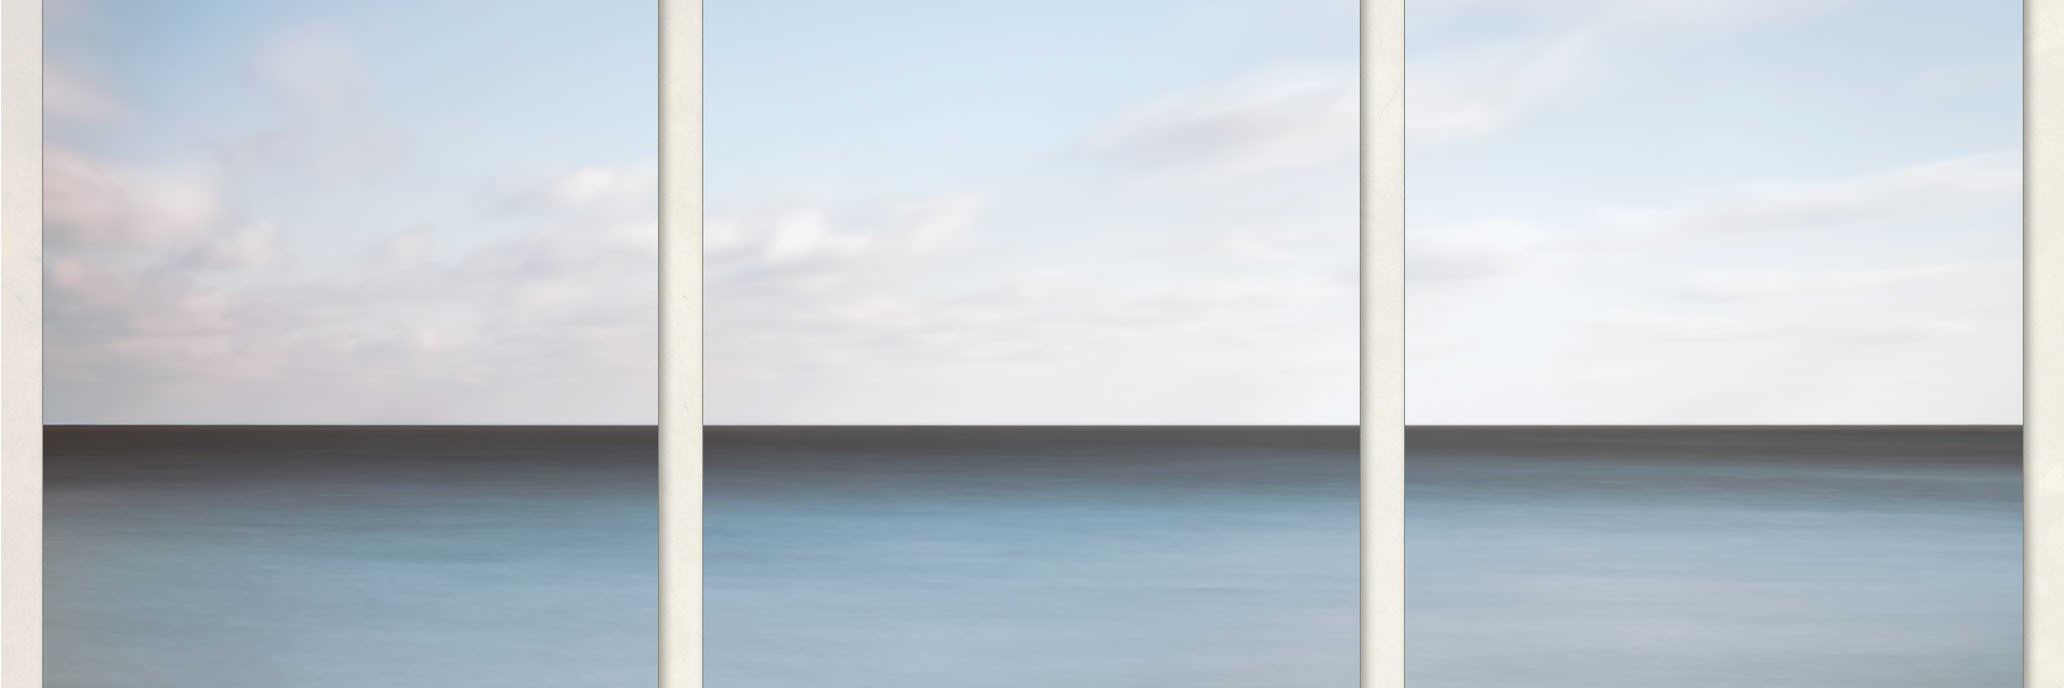 Lake Michigan Minimalist Triptych